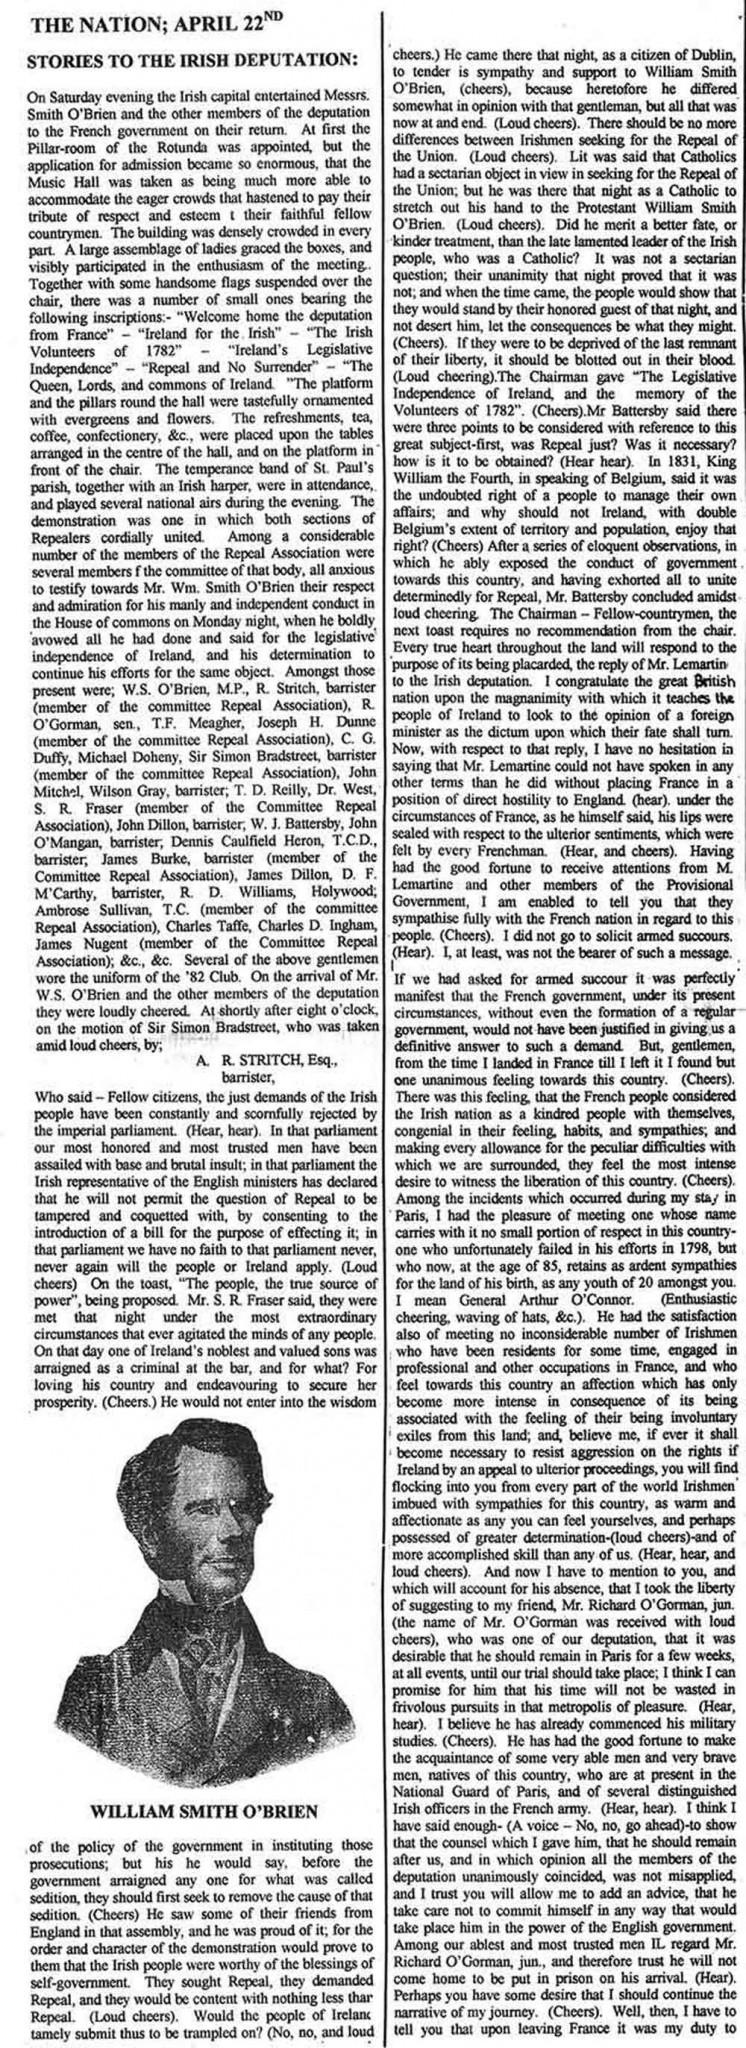 Newspaper-2-1